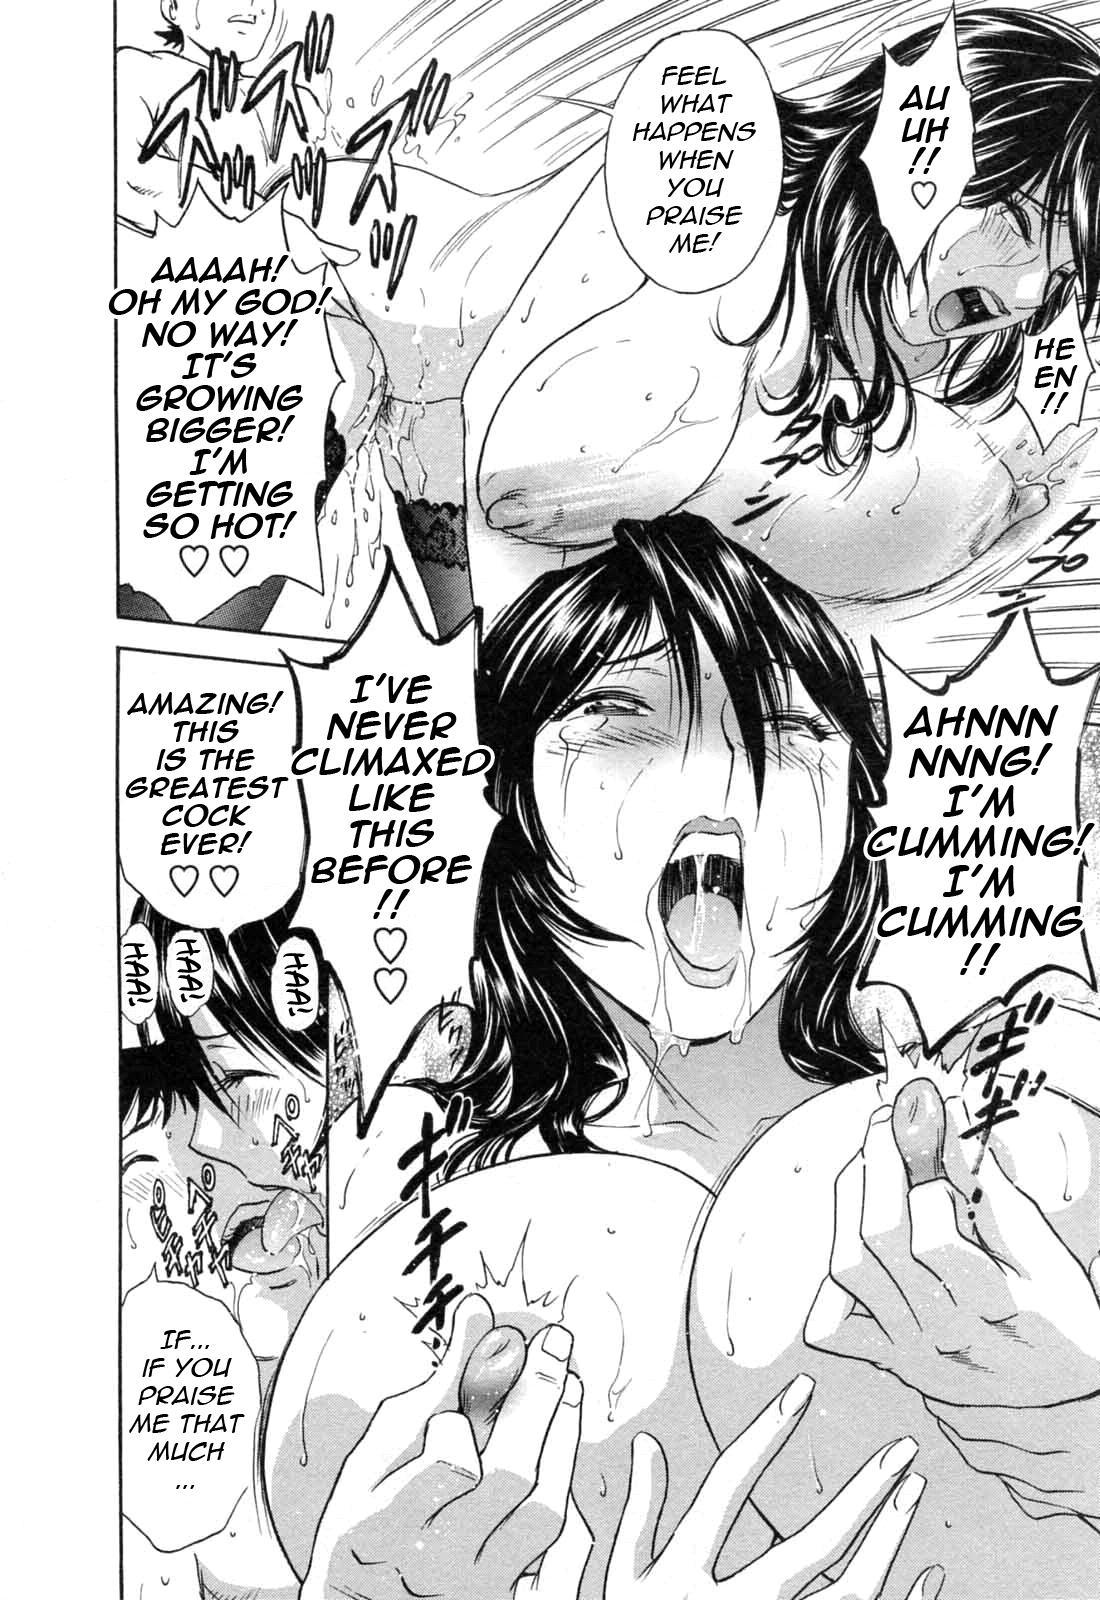 [Hidemaru] Mo-Retsu! Boin Sensei (Boing Boing Teacher) Vol.5 [English] [4dawgz] [Tadanohito] 26